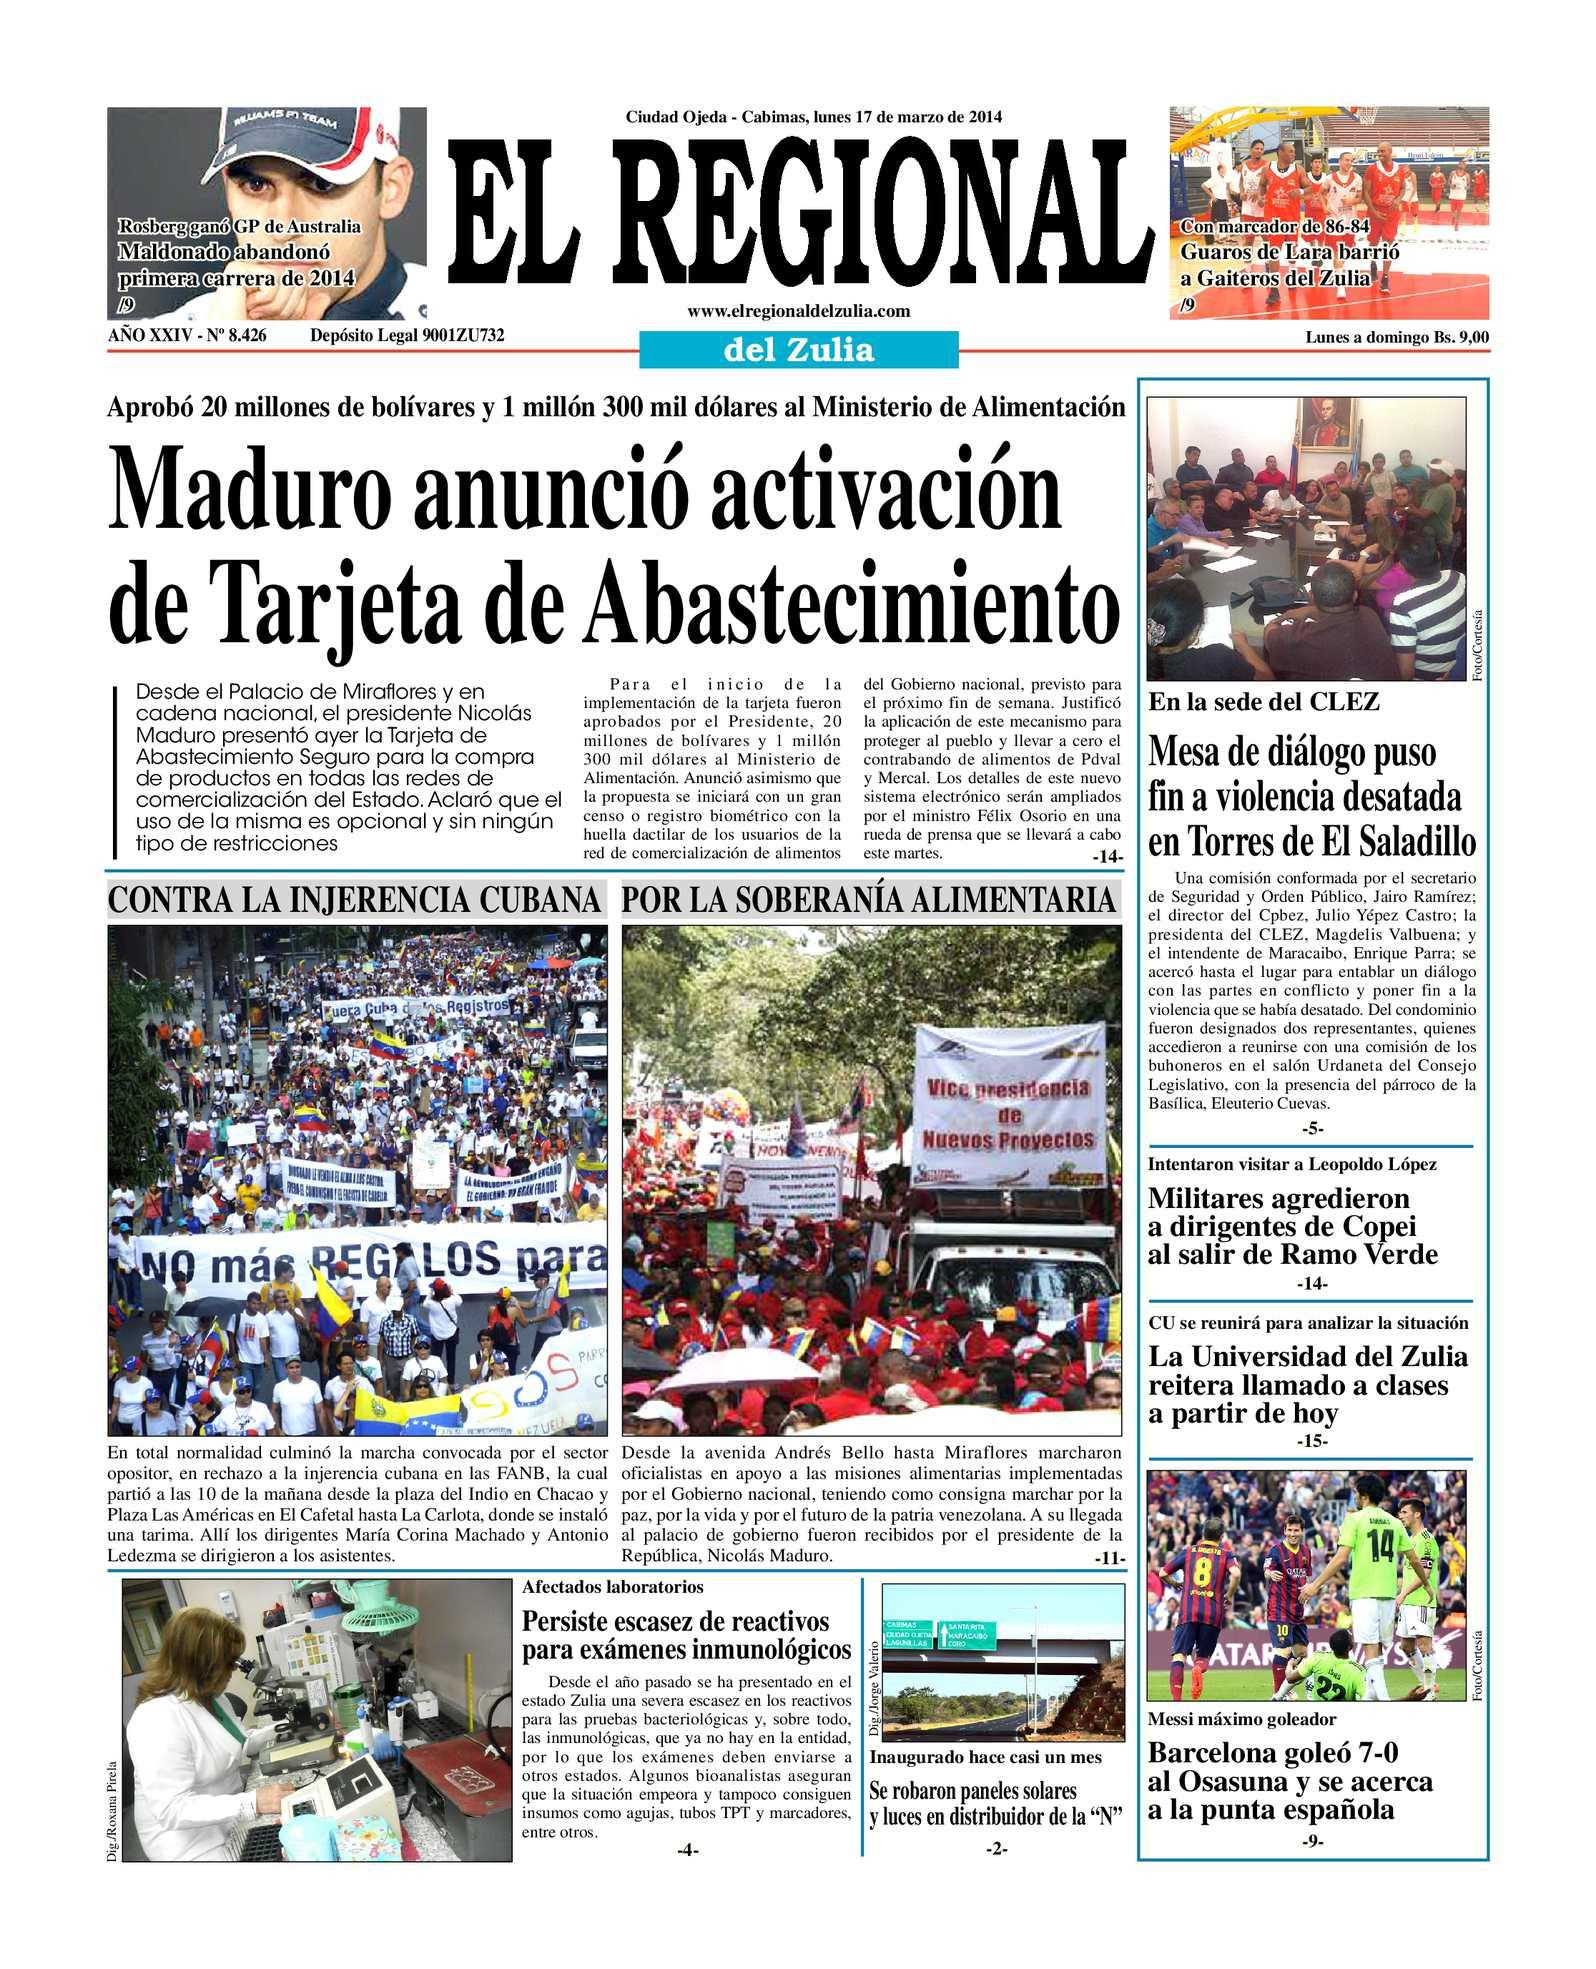 Calaméo - El Regional de Zulia 17-03-2014